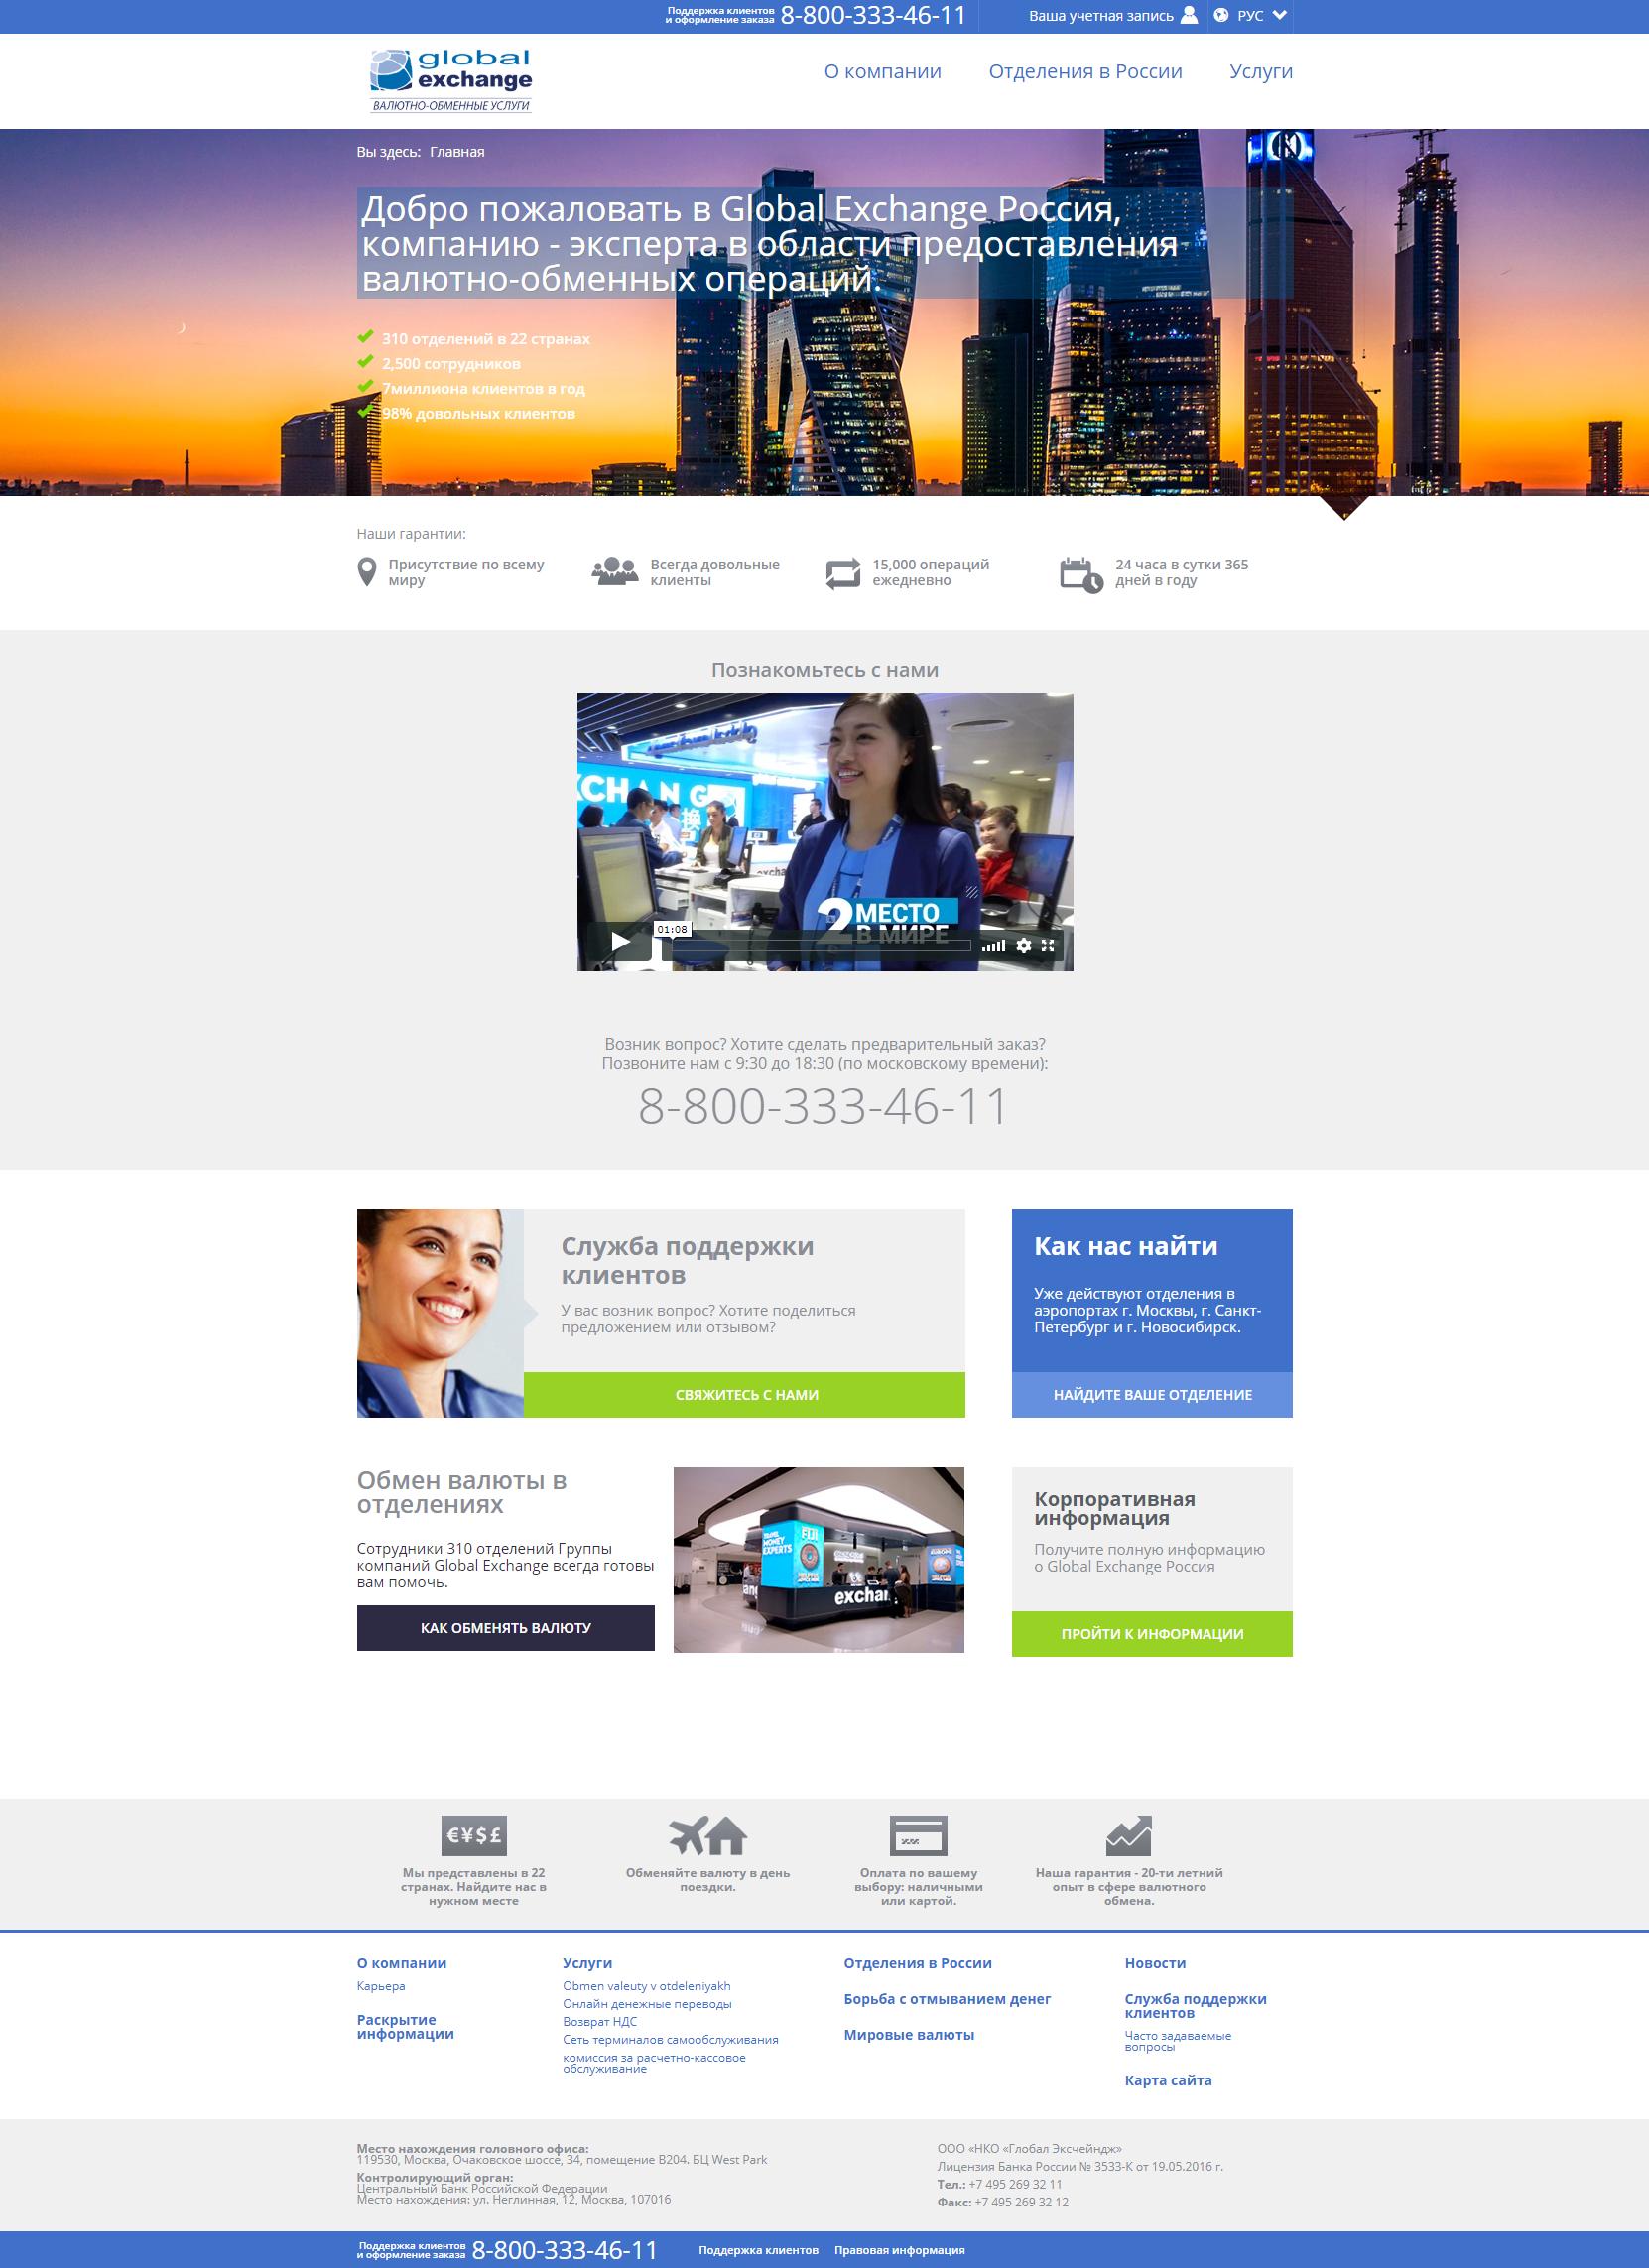 Сайт компании, которая занимается обменом в Пулково